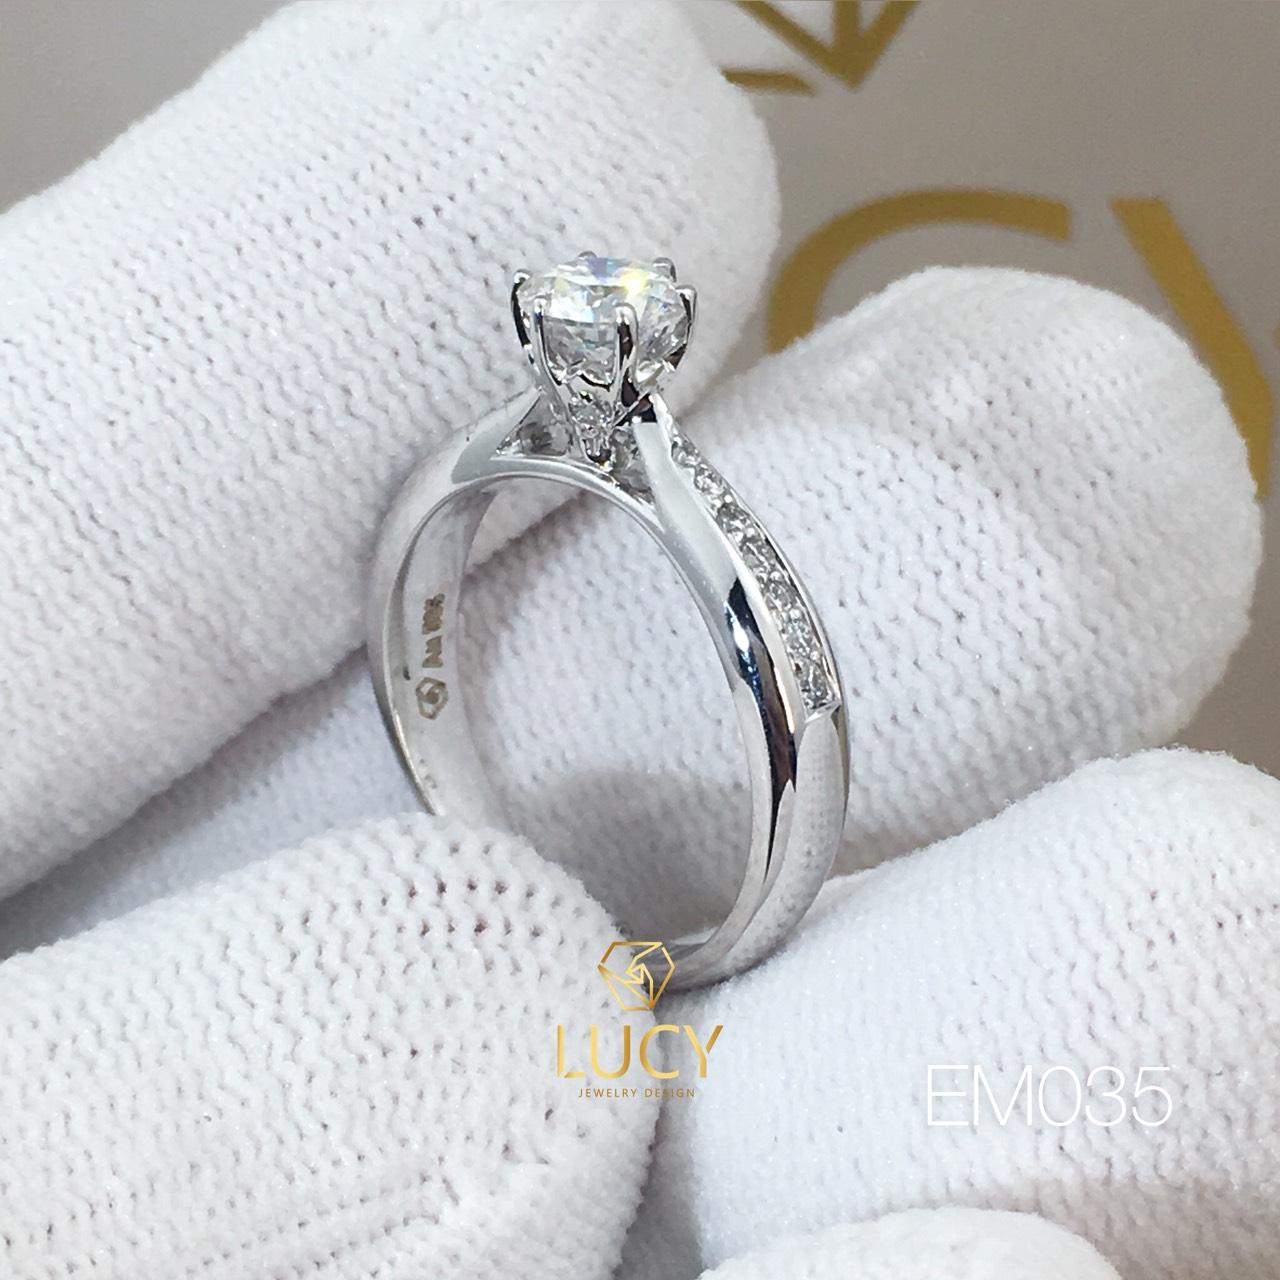 EM035 Nhẫn nữ thiết kế, nhẫn ổ kim 5mm, nhẫn cầu hôn, nhẫn đính hôn, nhẫn nữ vàng - Lucy Jewelry